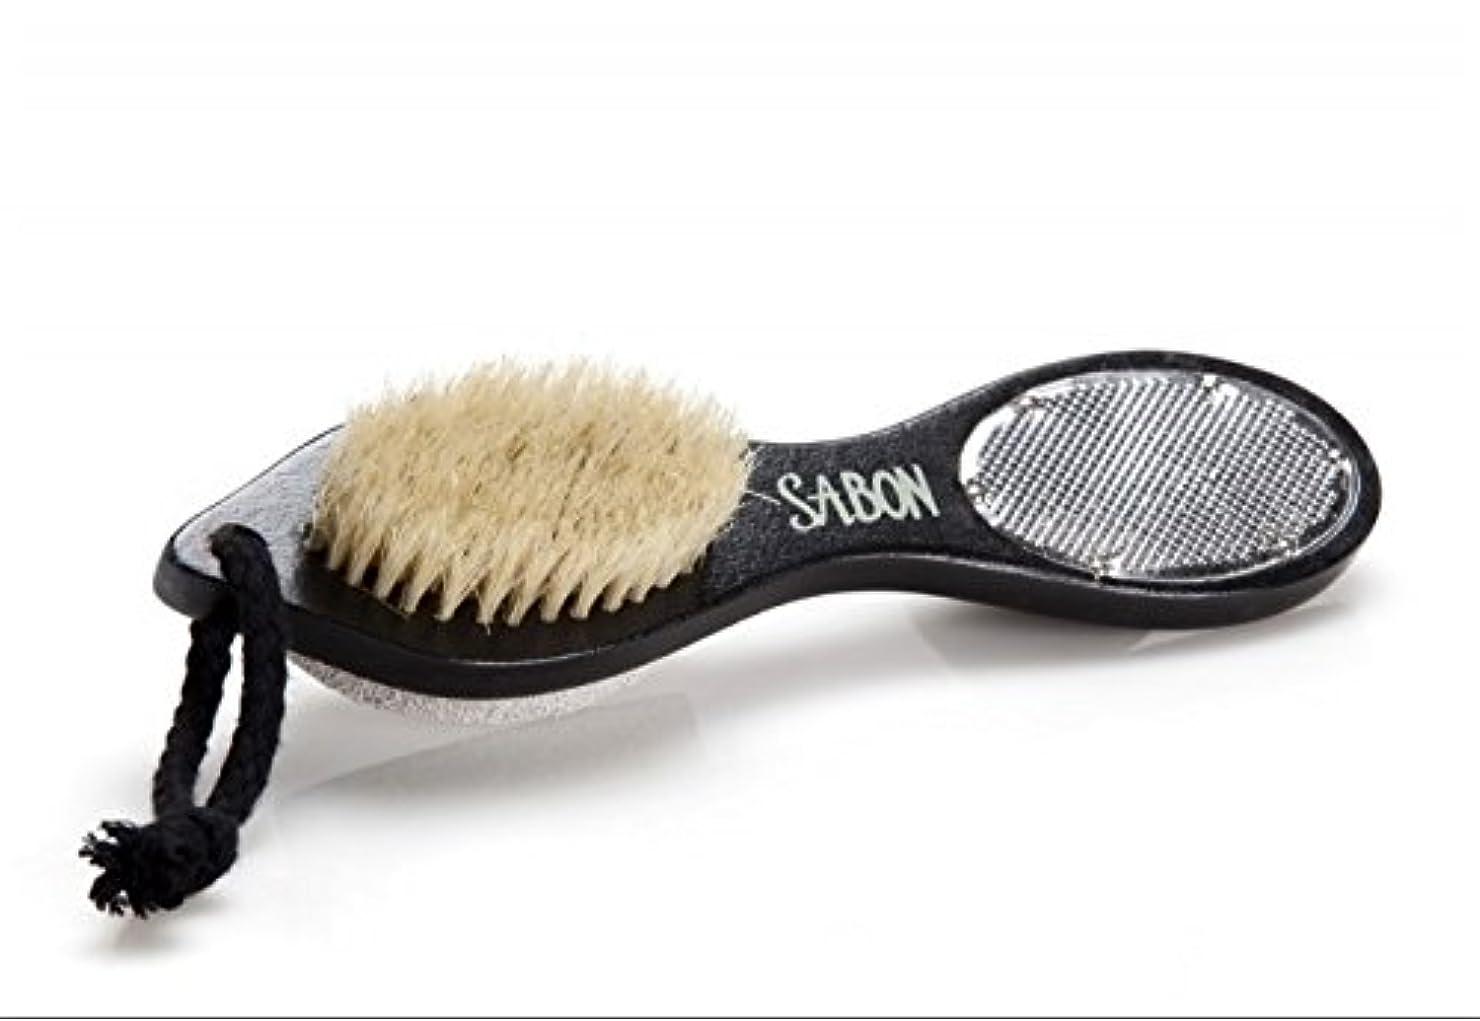 迫害スナッチ怒り【SABON(サボン)】フット用ブラシ《ウォッシュストーン(軽石)付き》 Foot Brush+Stone+Scraper Double Side [並行輸入品]